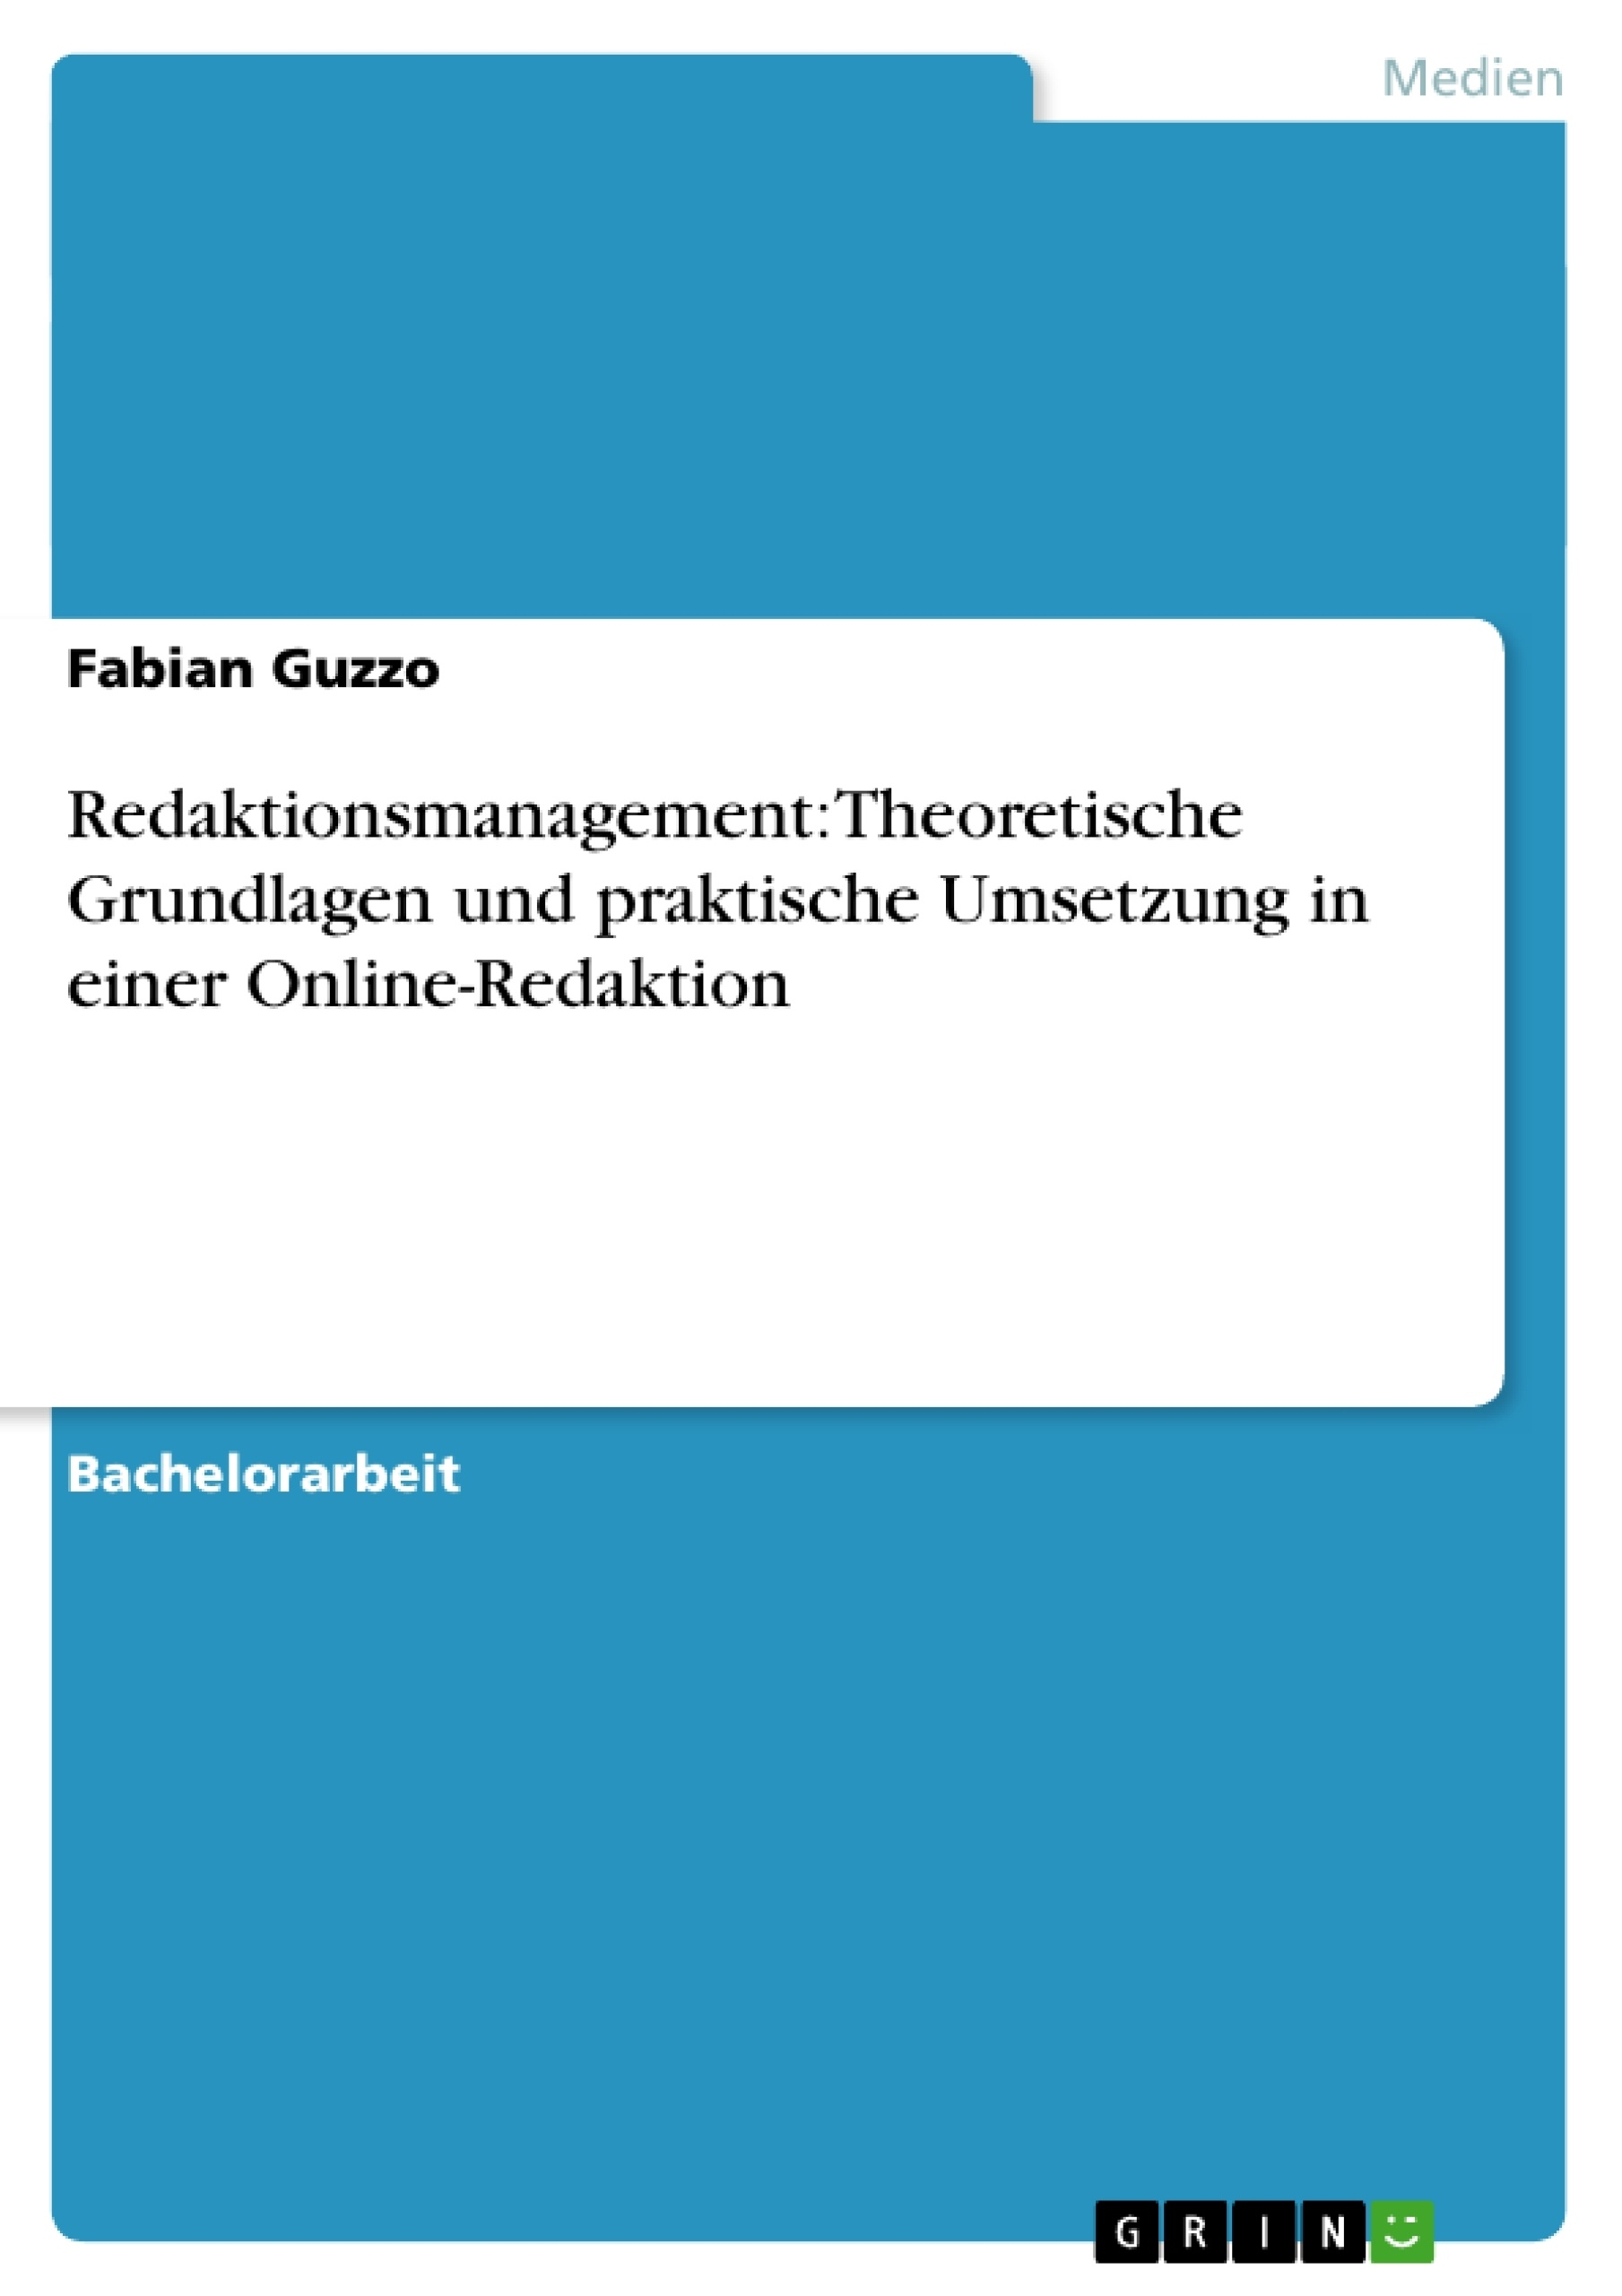 Titel: Redaktionsmanagement: Theoretische Grundlagen und praktische Umsetzung in einer Online-Redaktion